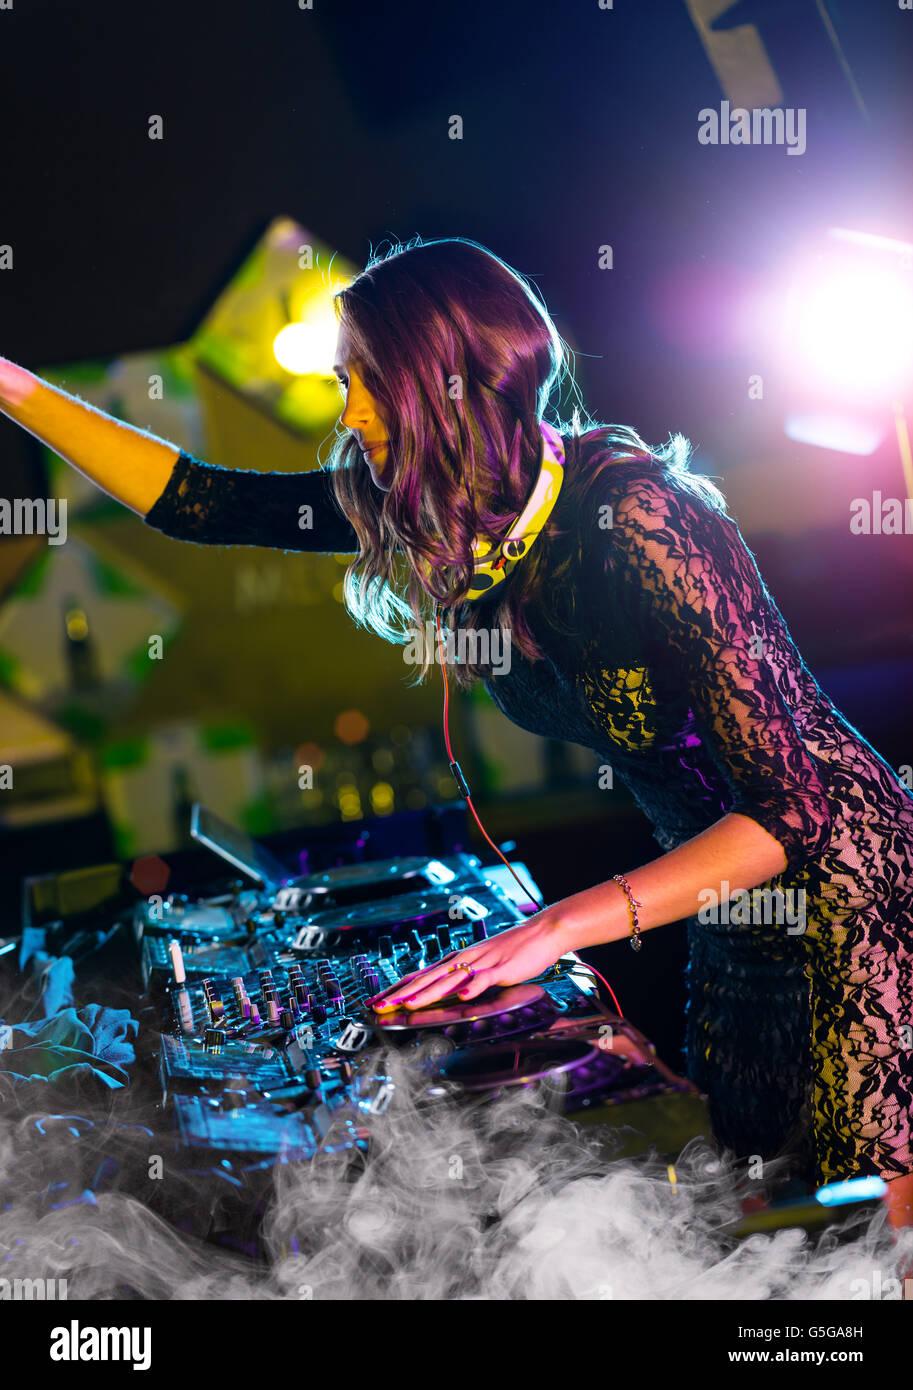 Disc Jockey niña morena mezclando música electrónica en el club Imagen De Stock